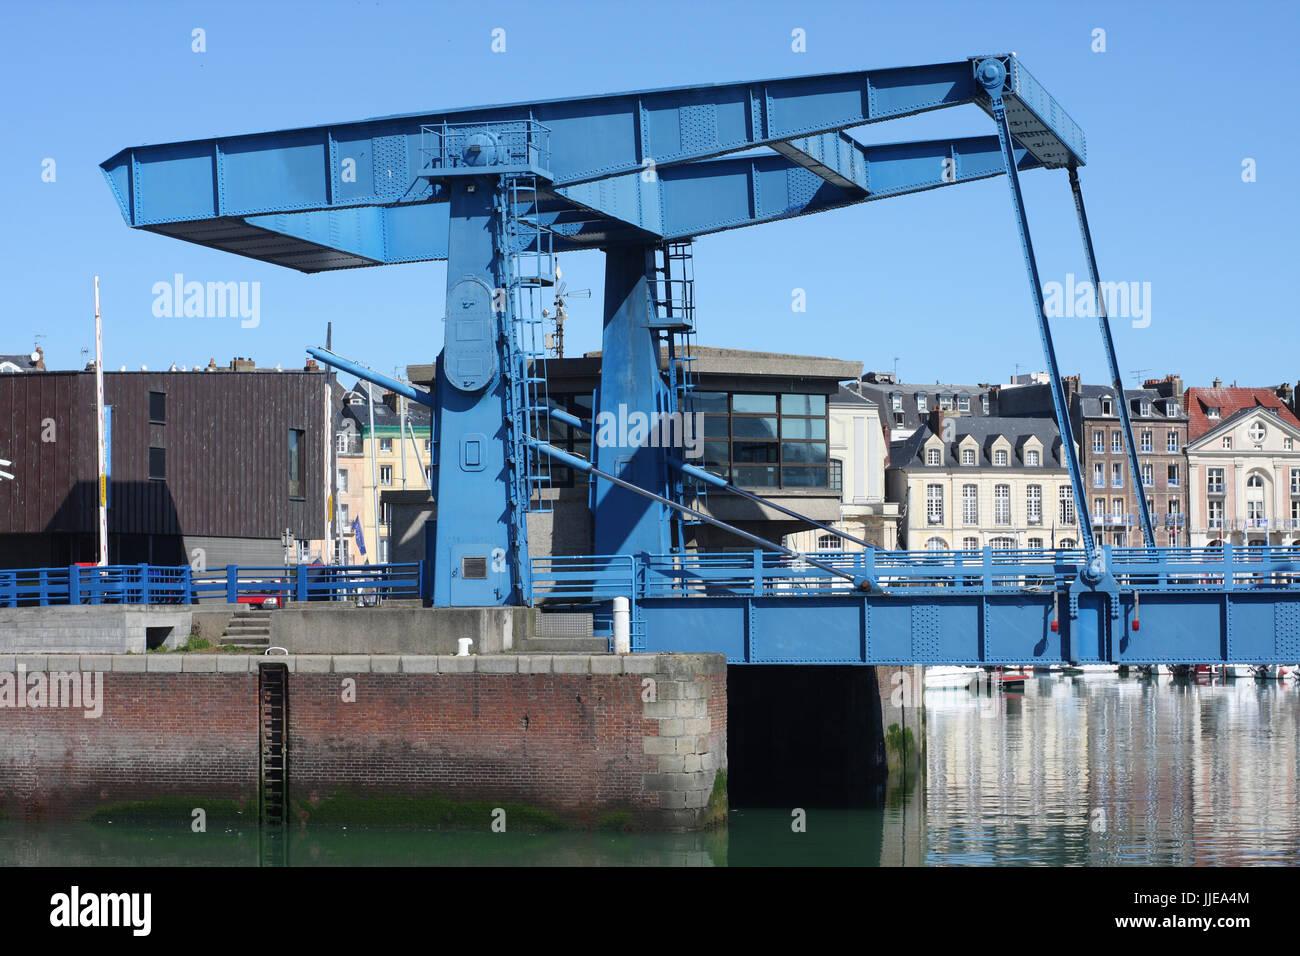 Ango Bridge, Dieppe, Normandy, France - Stock Image